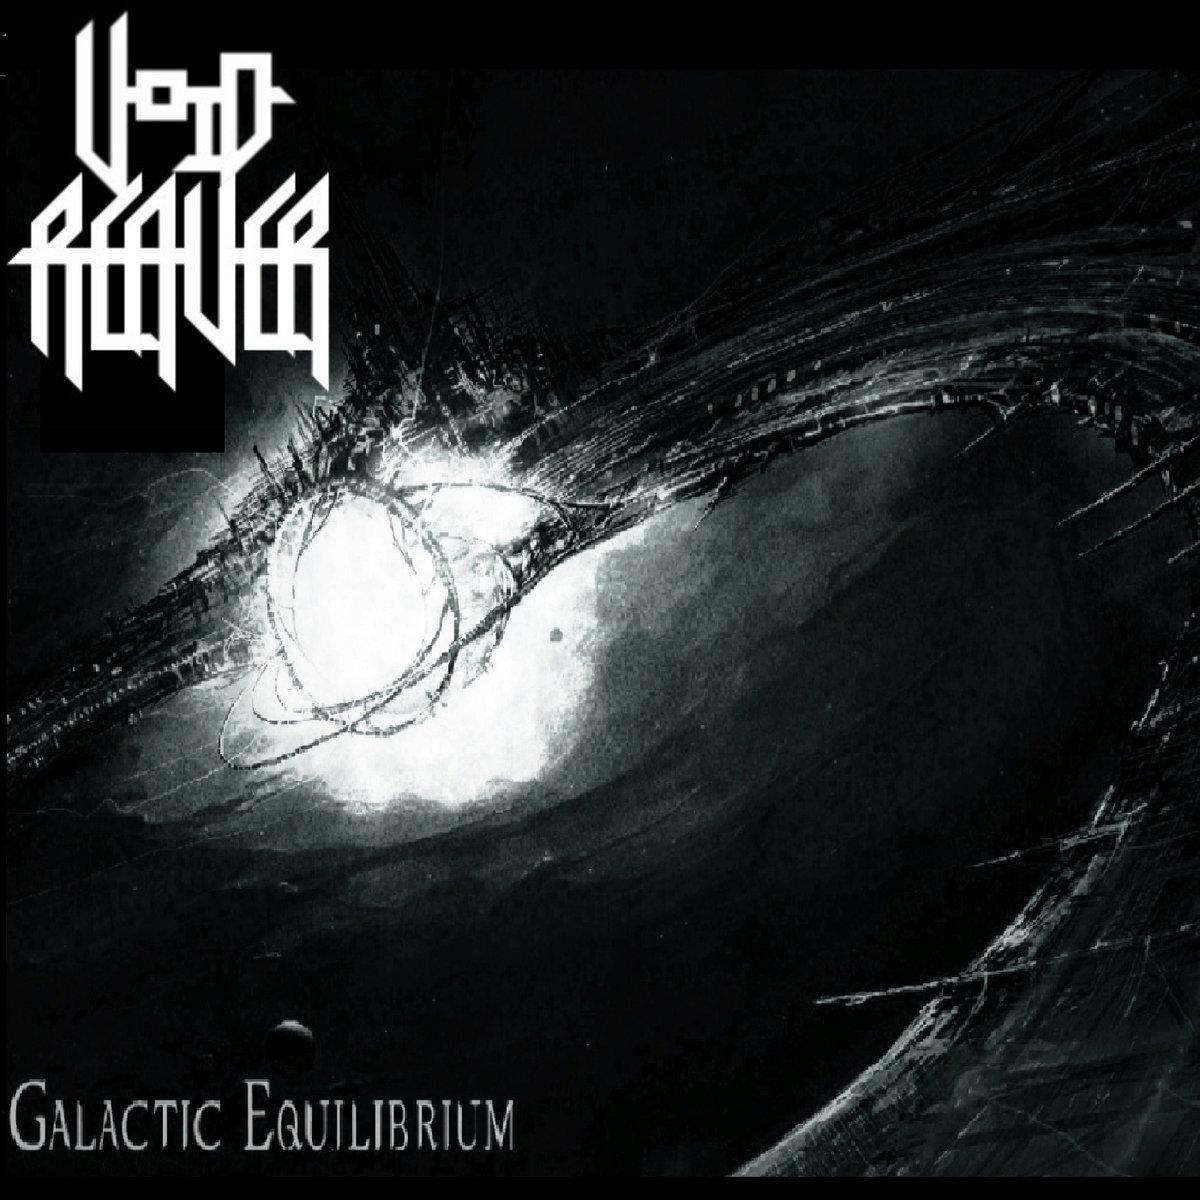 Void Reaver - Galactic Equilibrium [single] (2019)